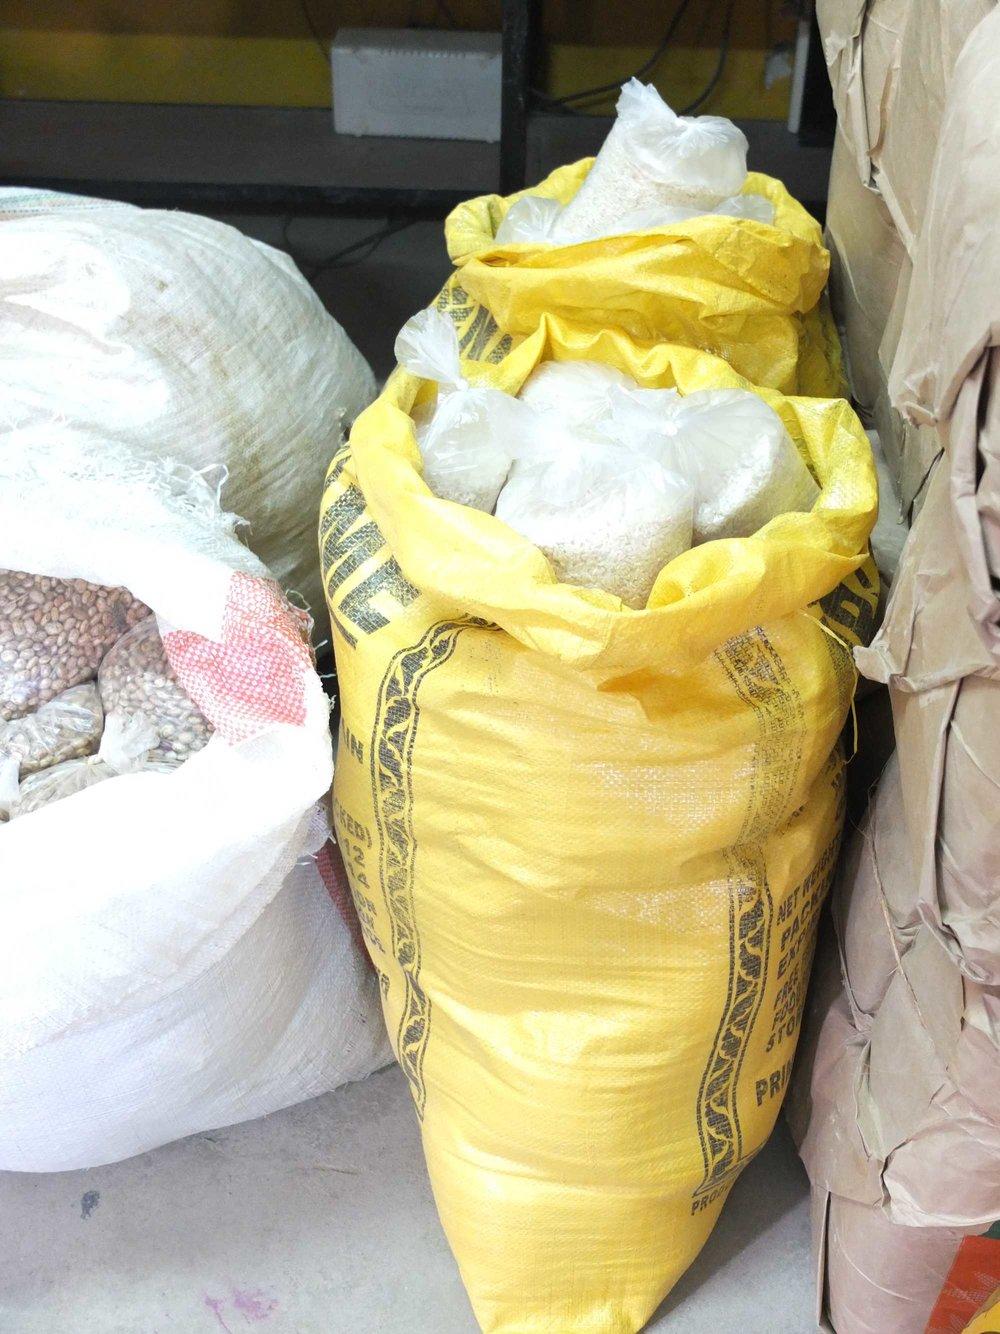 overflowing-bags-of-rice.jpg